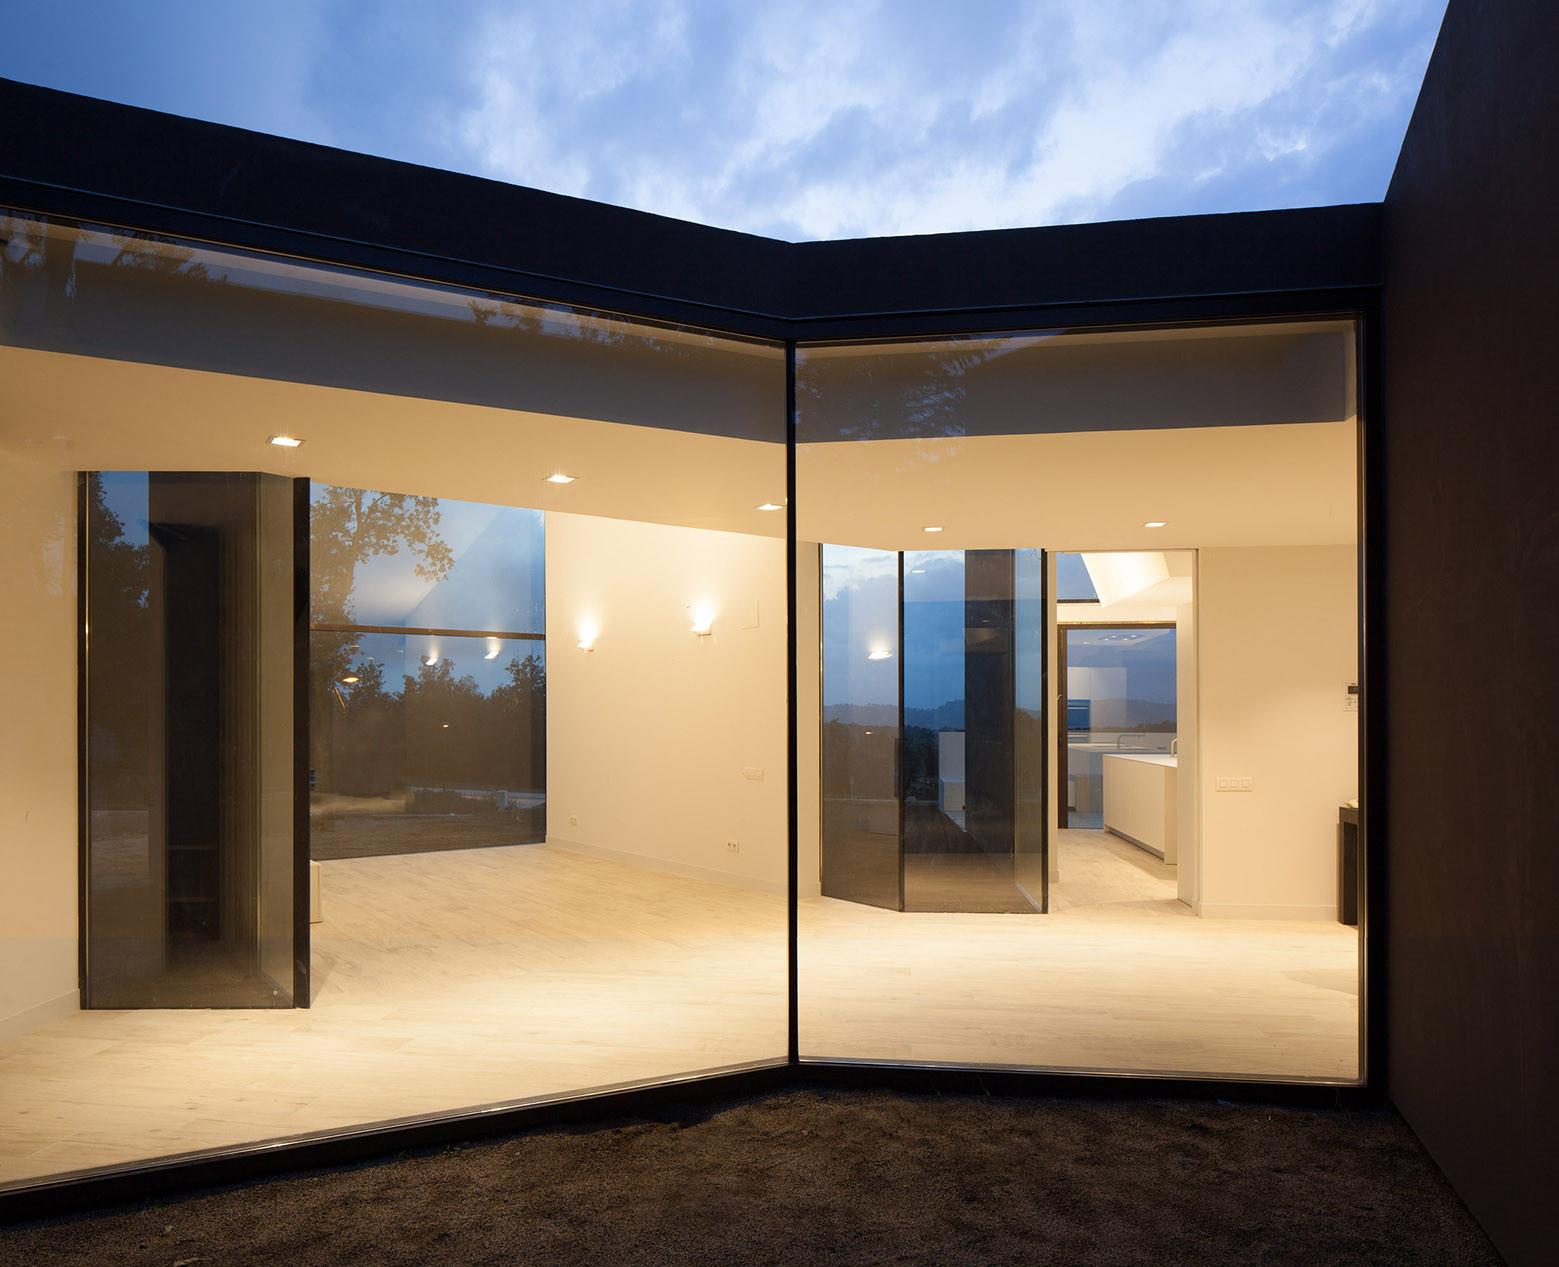 1133 - Diseño tentacular y luminoso ambiente minimalista en Castellcir, Barcelona